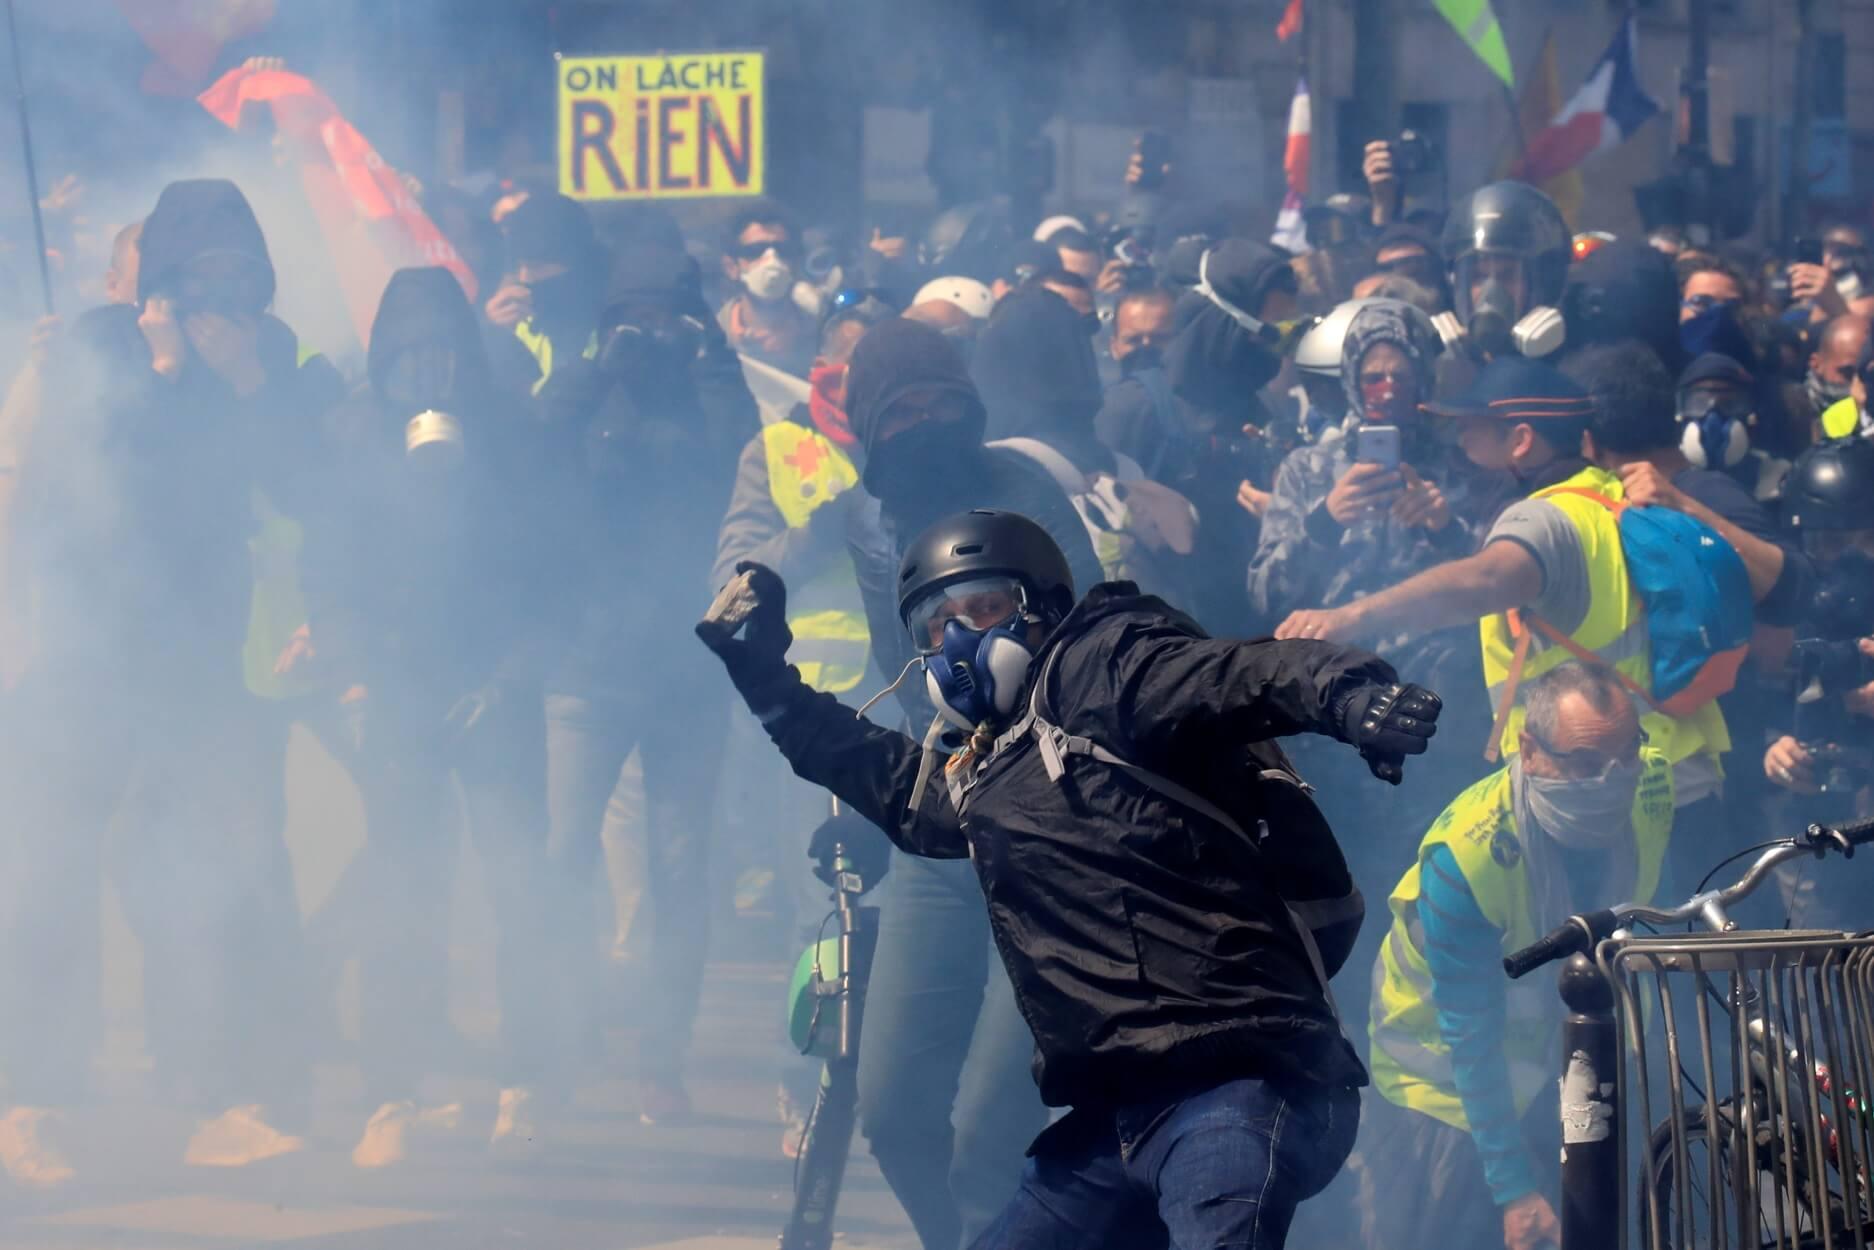 Σοκαριστικά πλάνα από τις ταραχές στο Παρίσι - Κίτρινα Γιλέκα και Black Blocks εναντίον αστυνομικών!